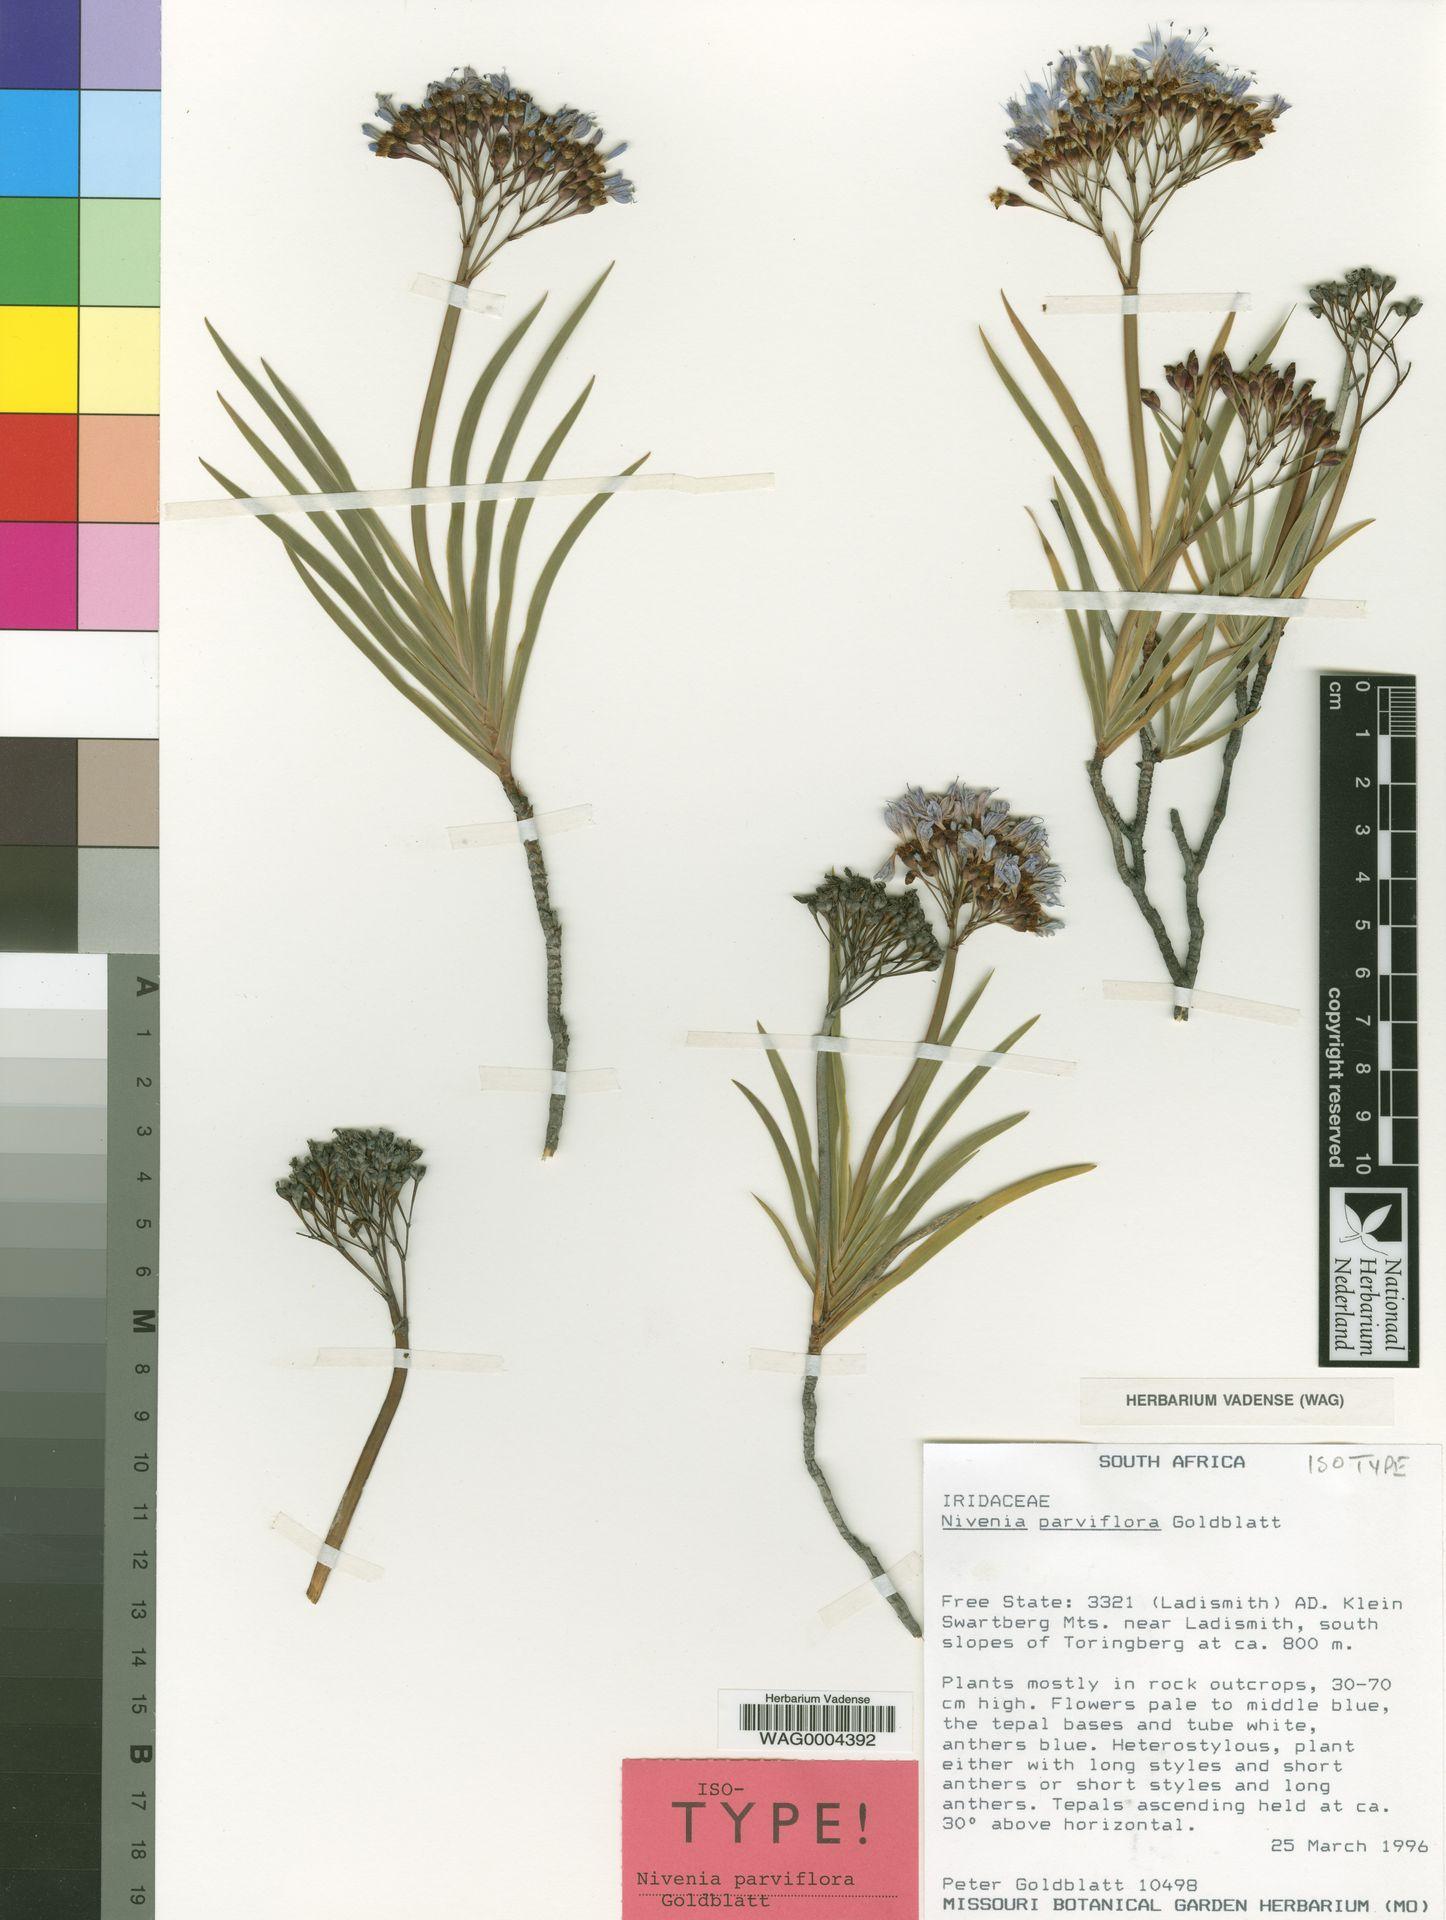 WAG0004392 | Nivenia parviflora Goldblatt